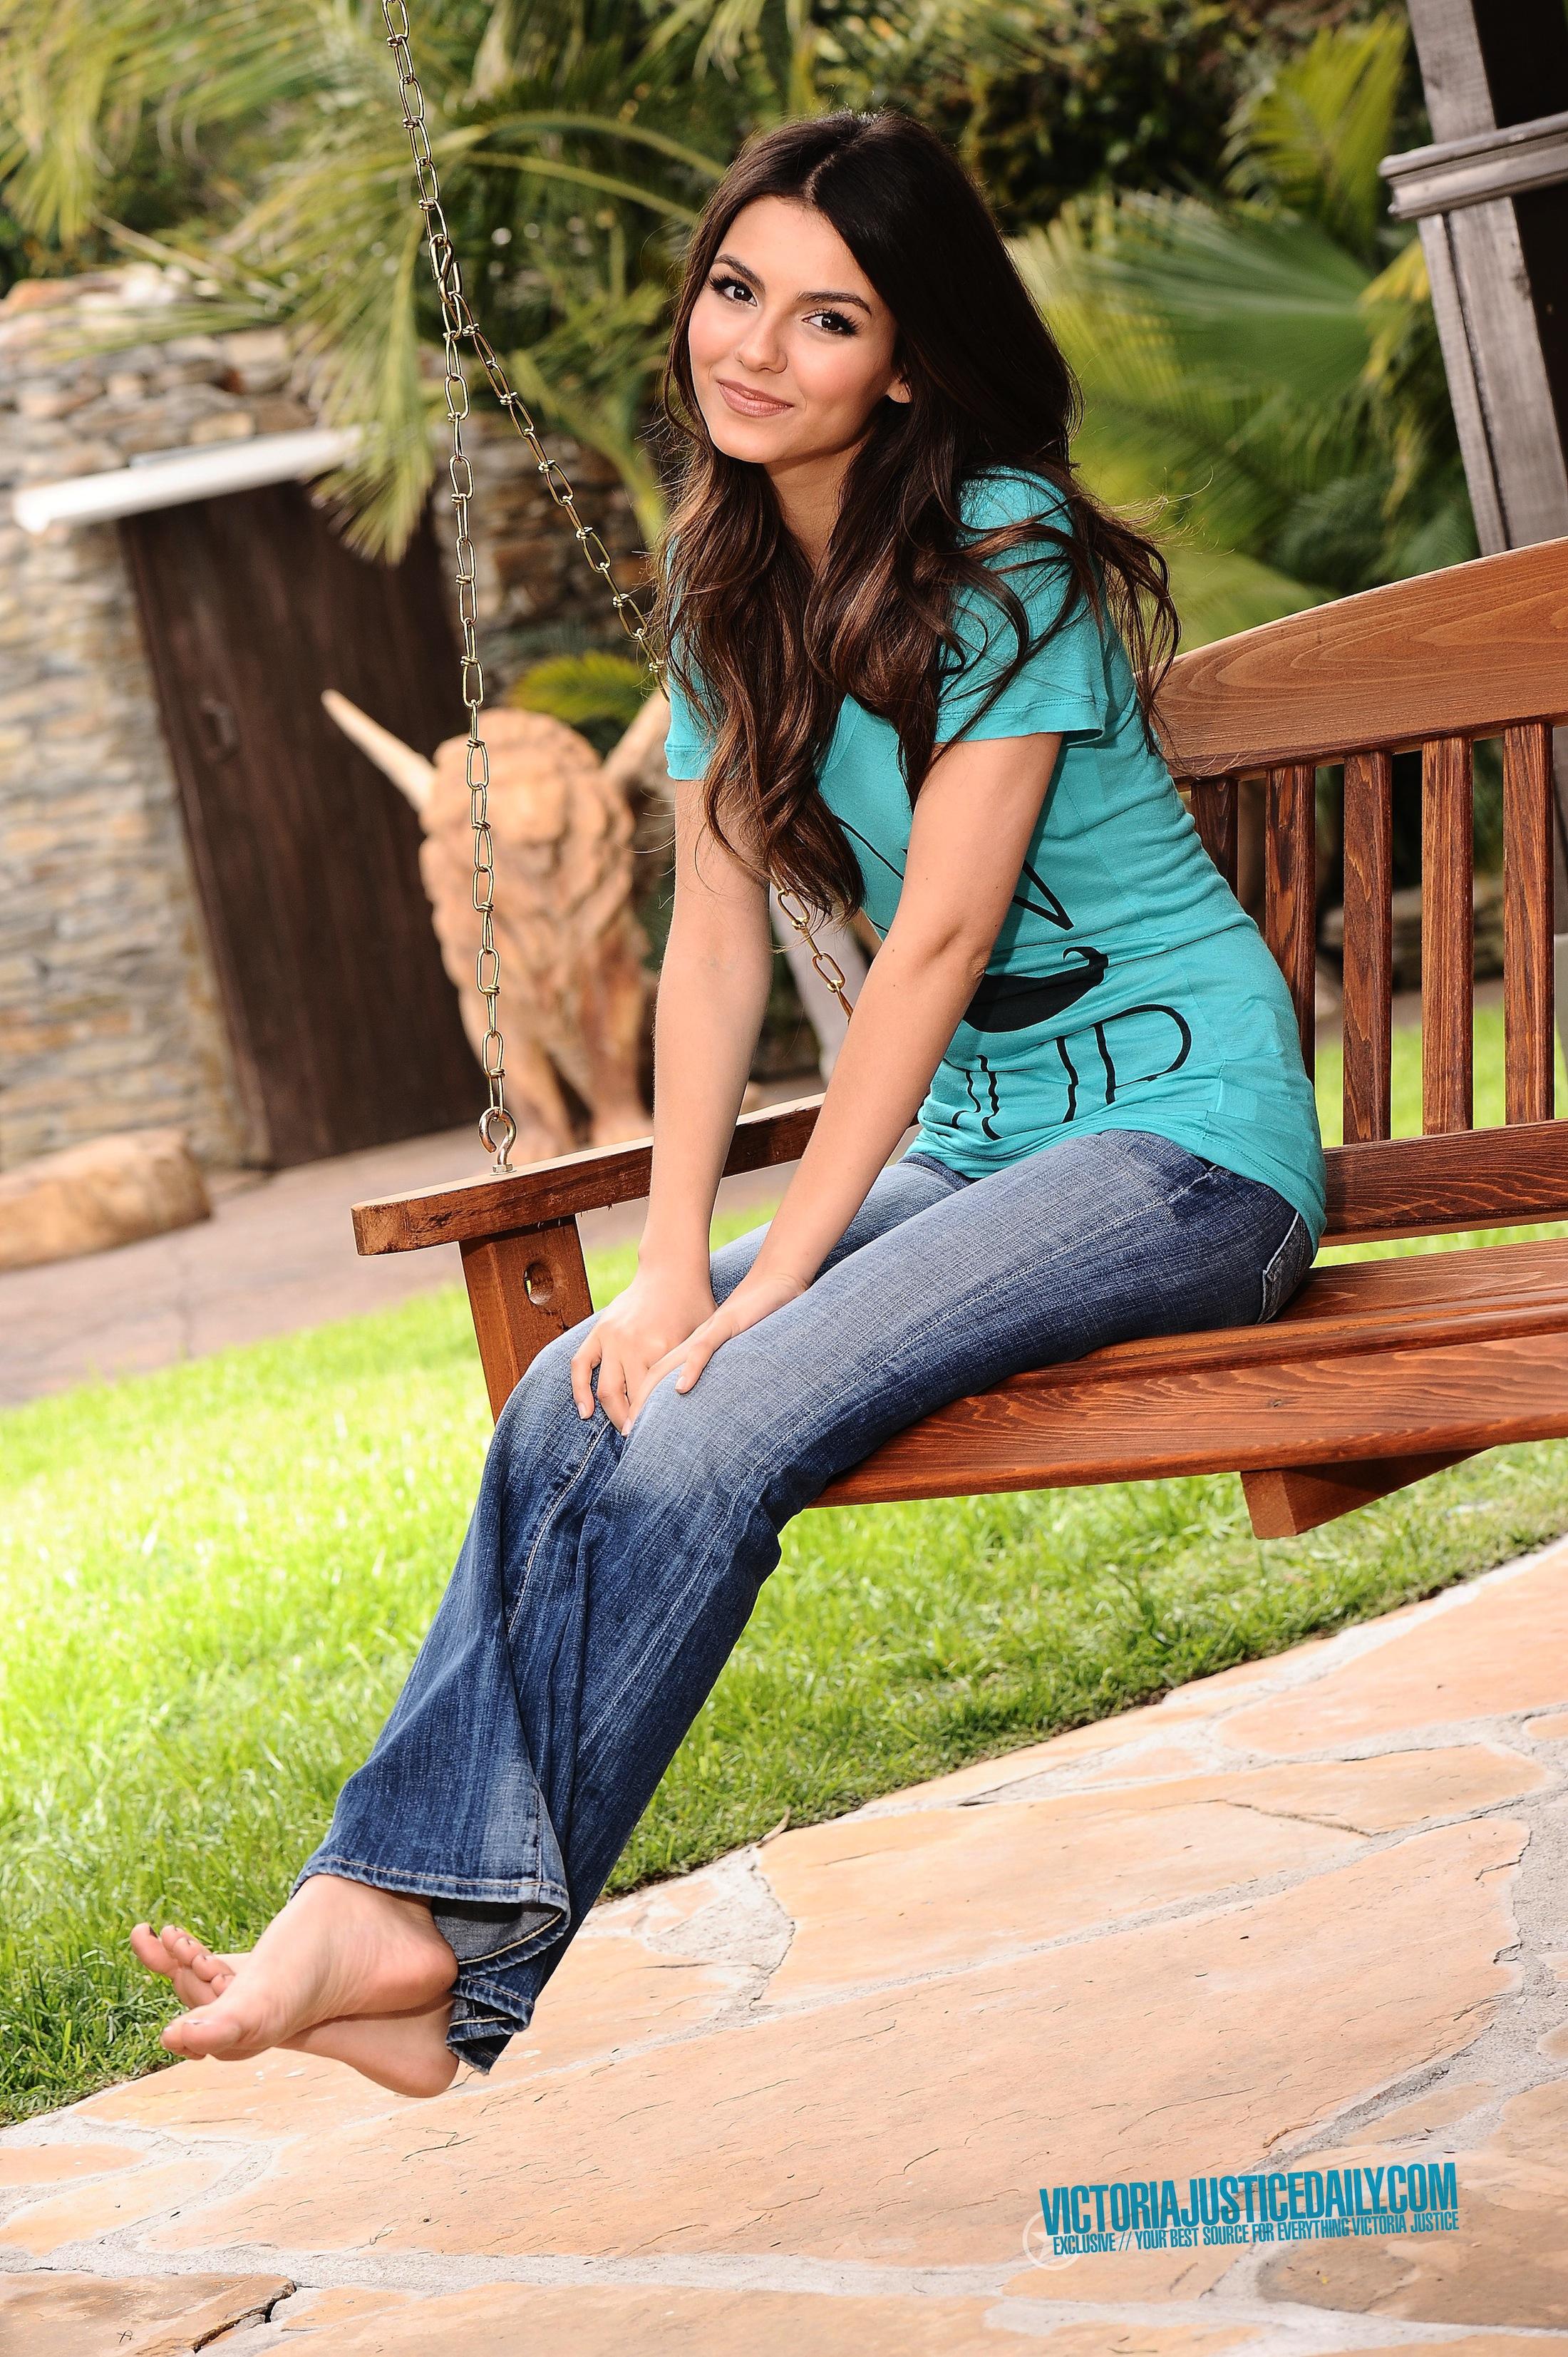 https://pics.wikifeet.com/Victoria-Justice-Feet-413203.jpg